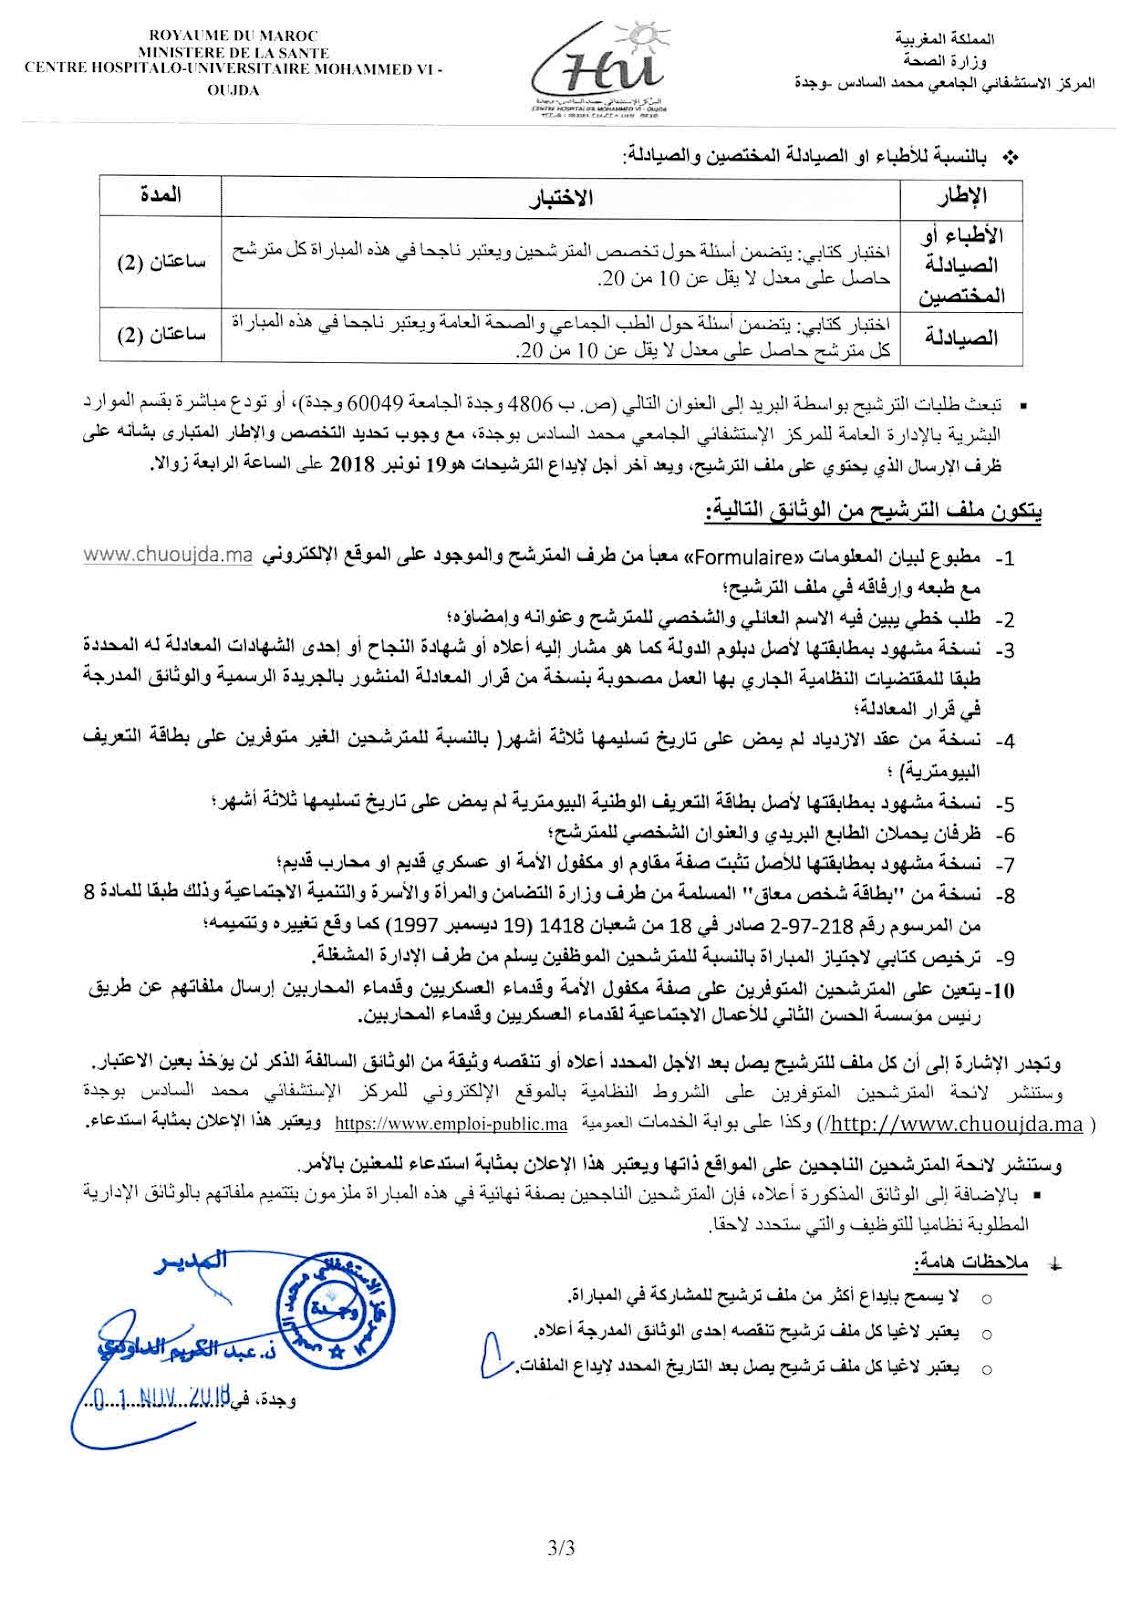 المركز الاستشفائي محمد السادس وجدة: مباراة توظيف 130 ممرض وتقني